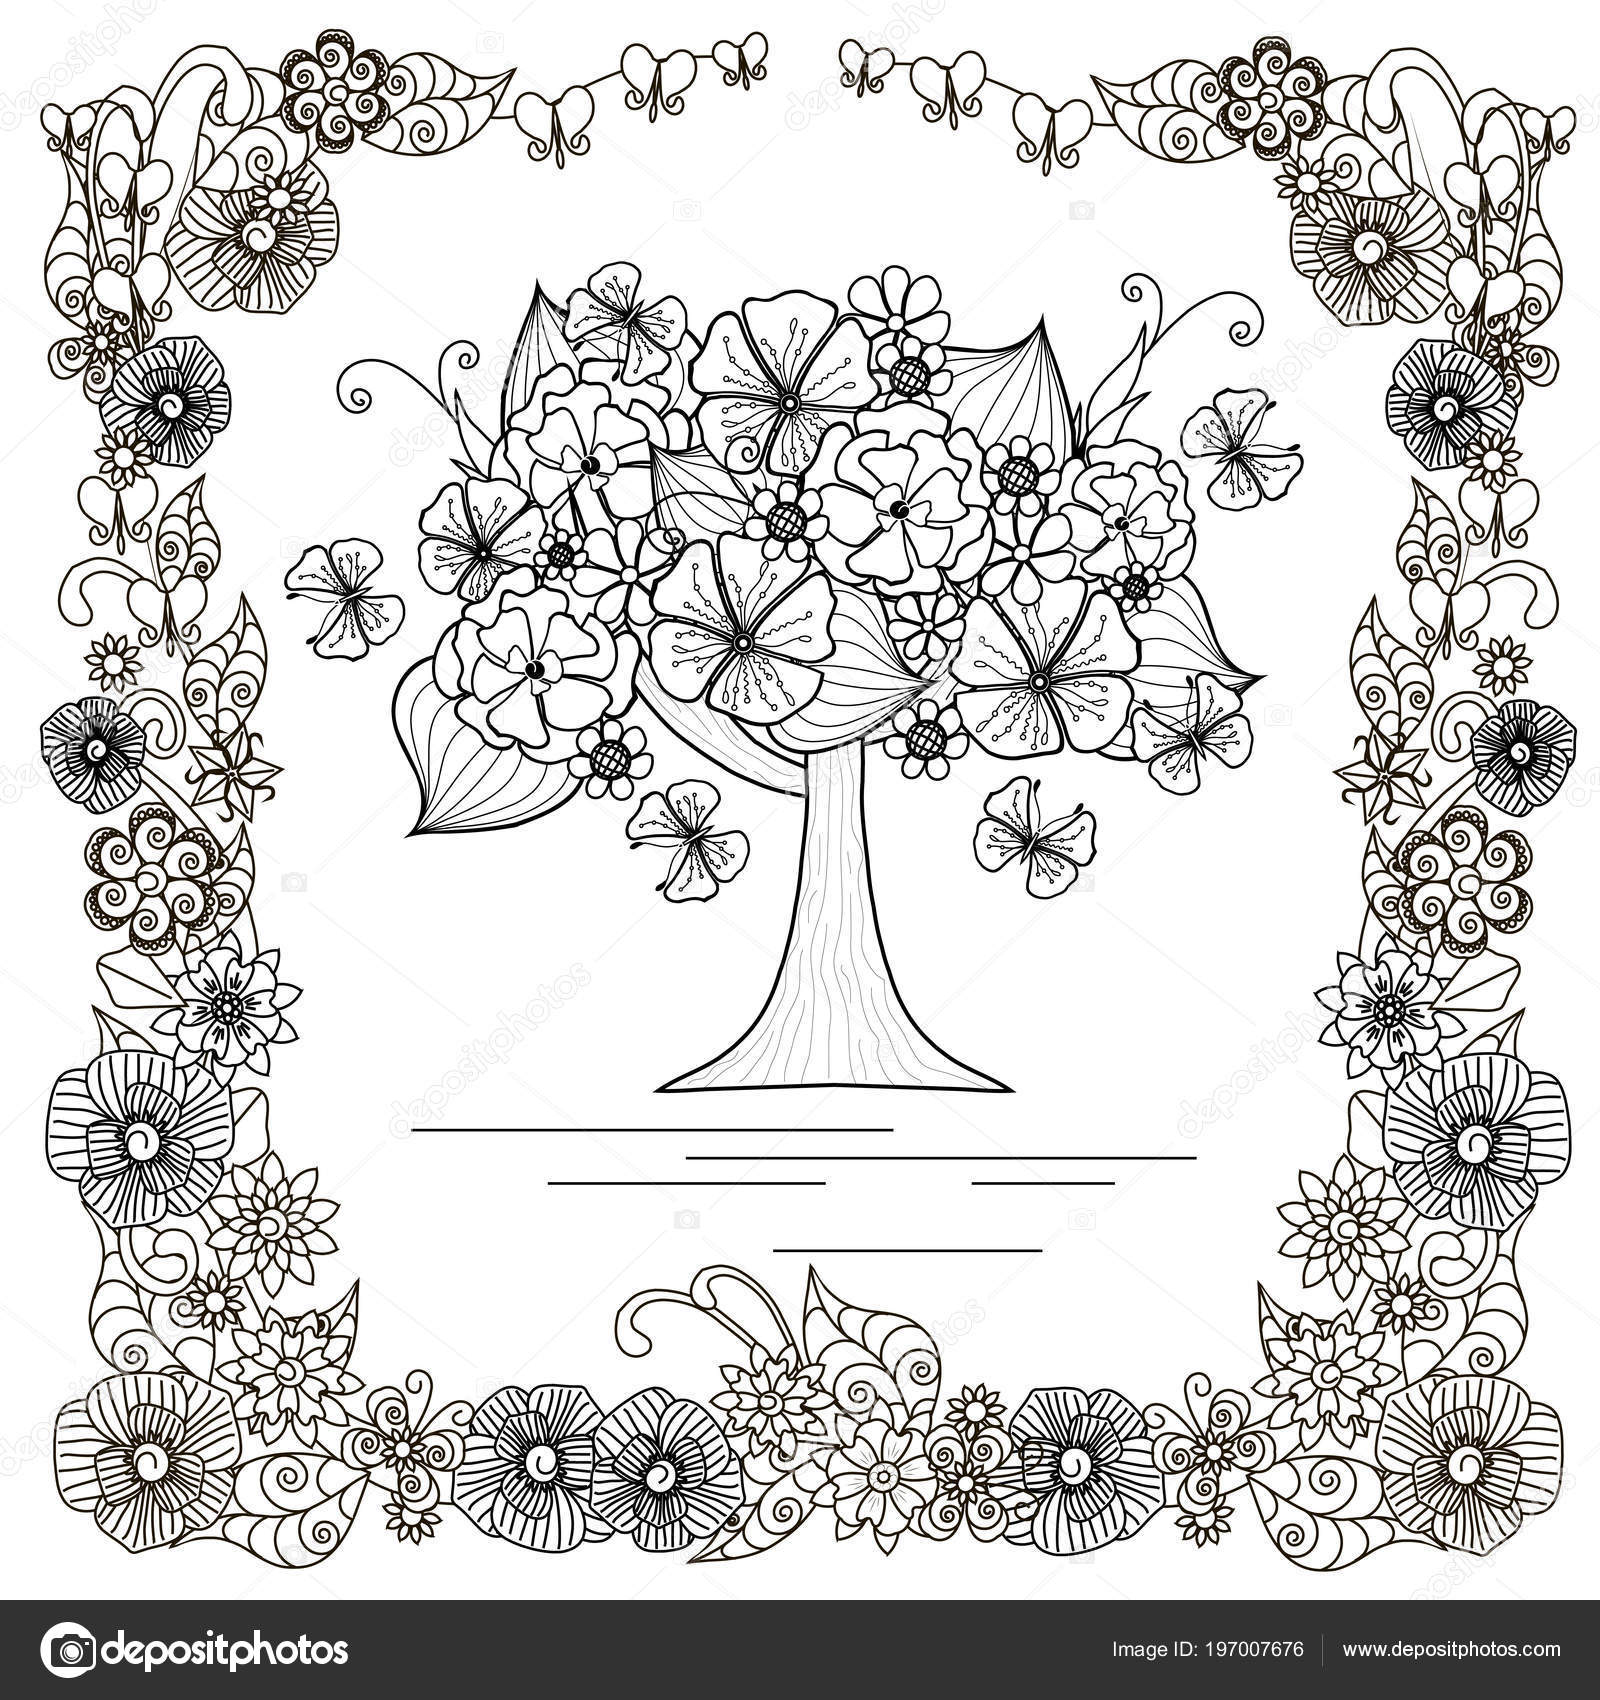 Kelebek Boyama Kitabı Stres Hisse Senedi Vektör çizim Için Web